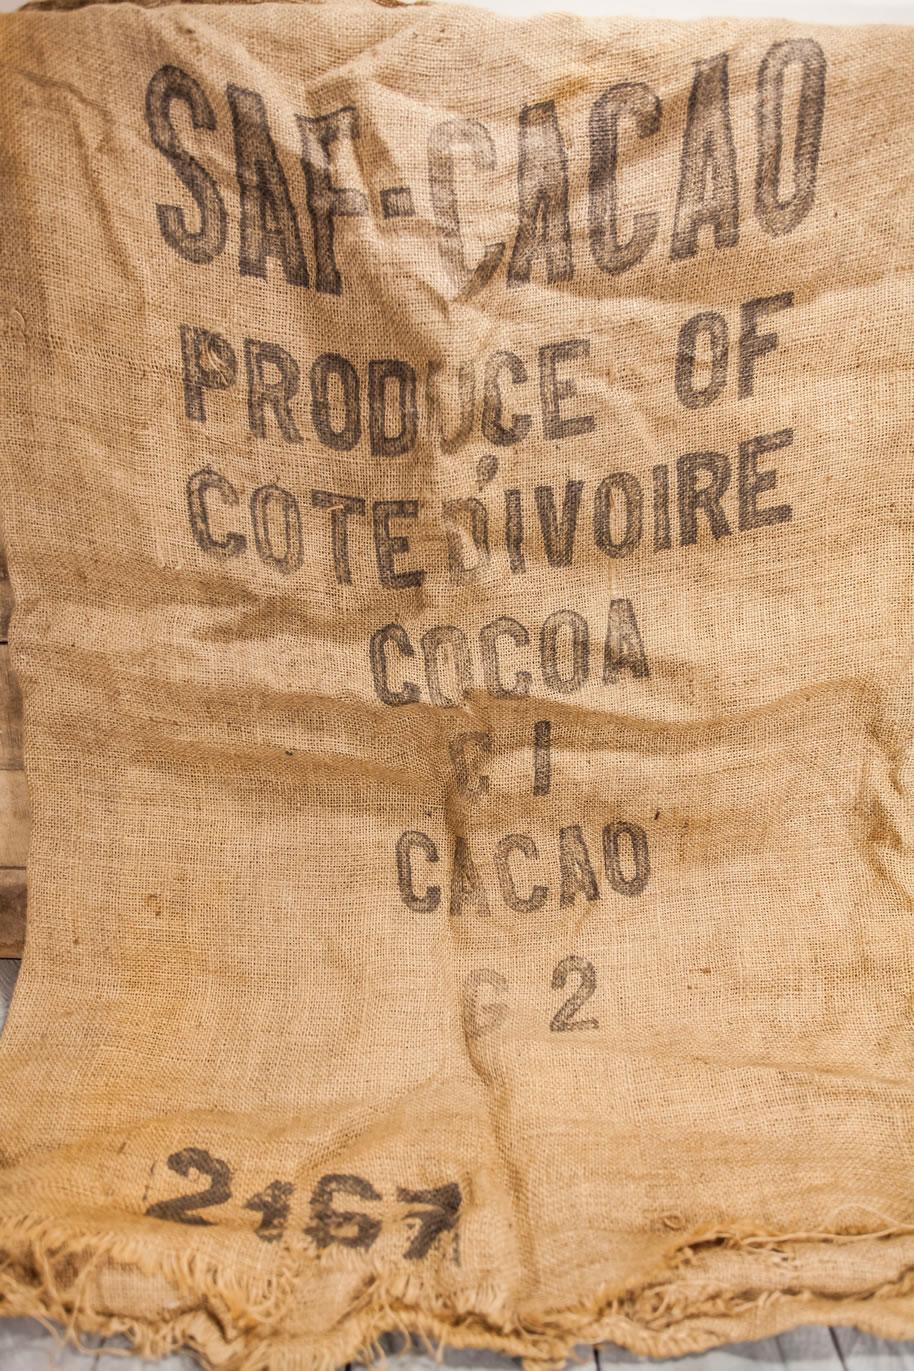 Ivory Coast Coffee